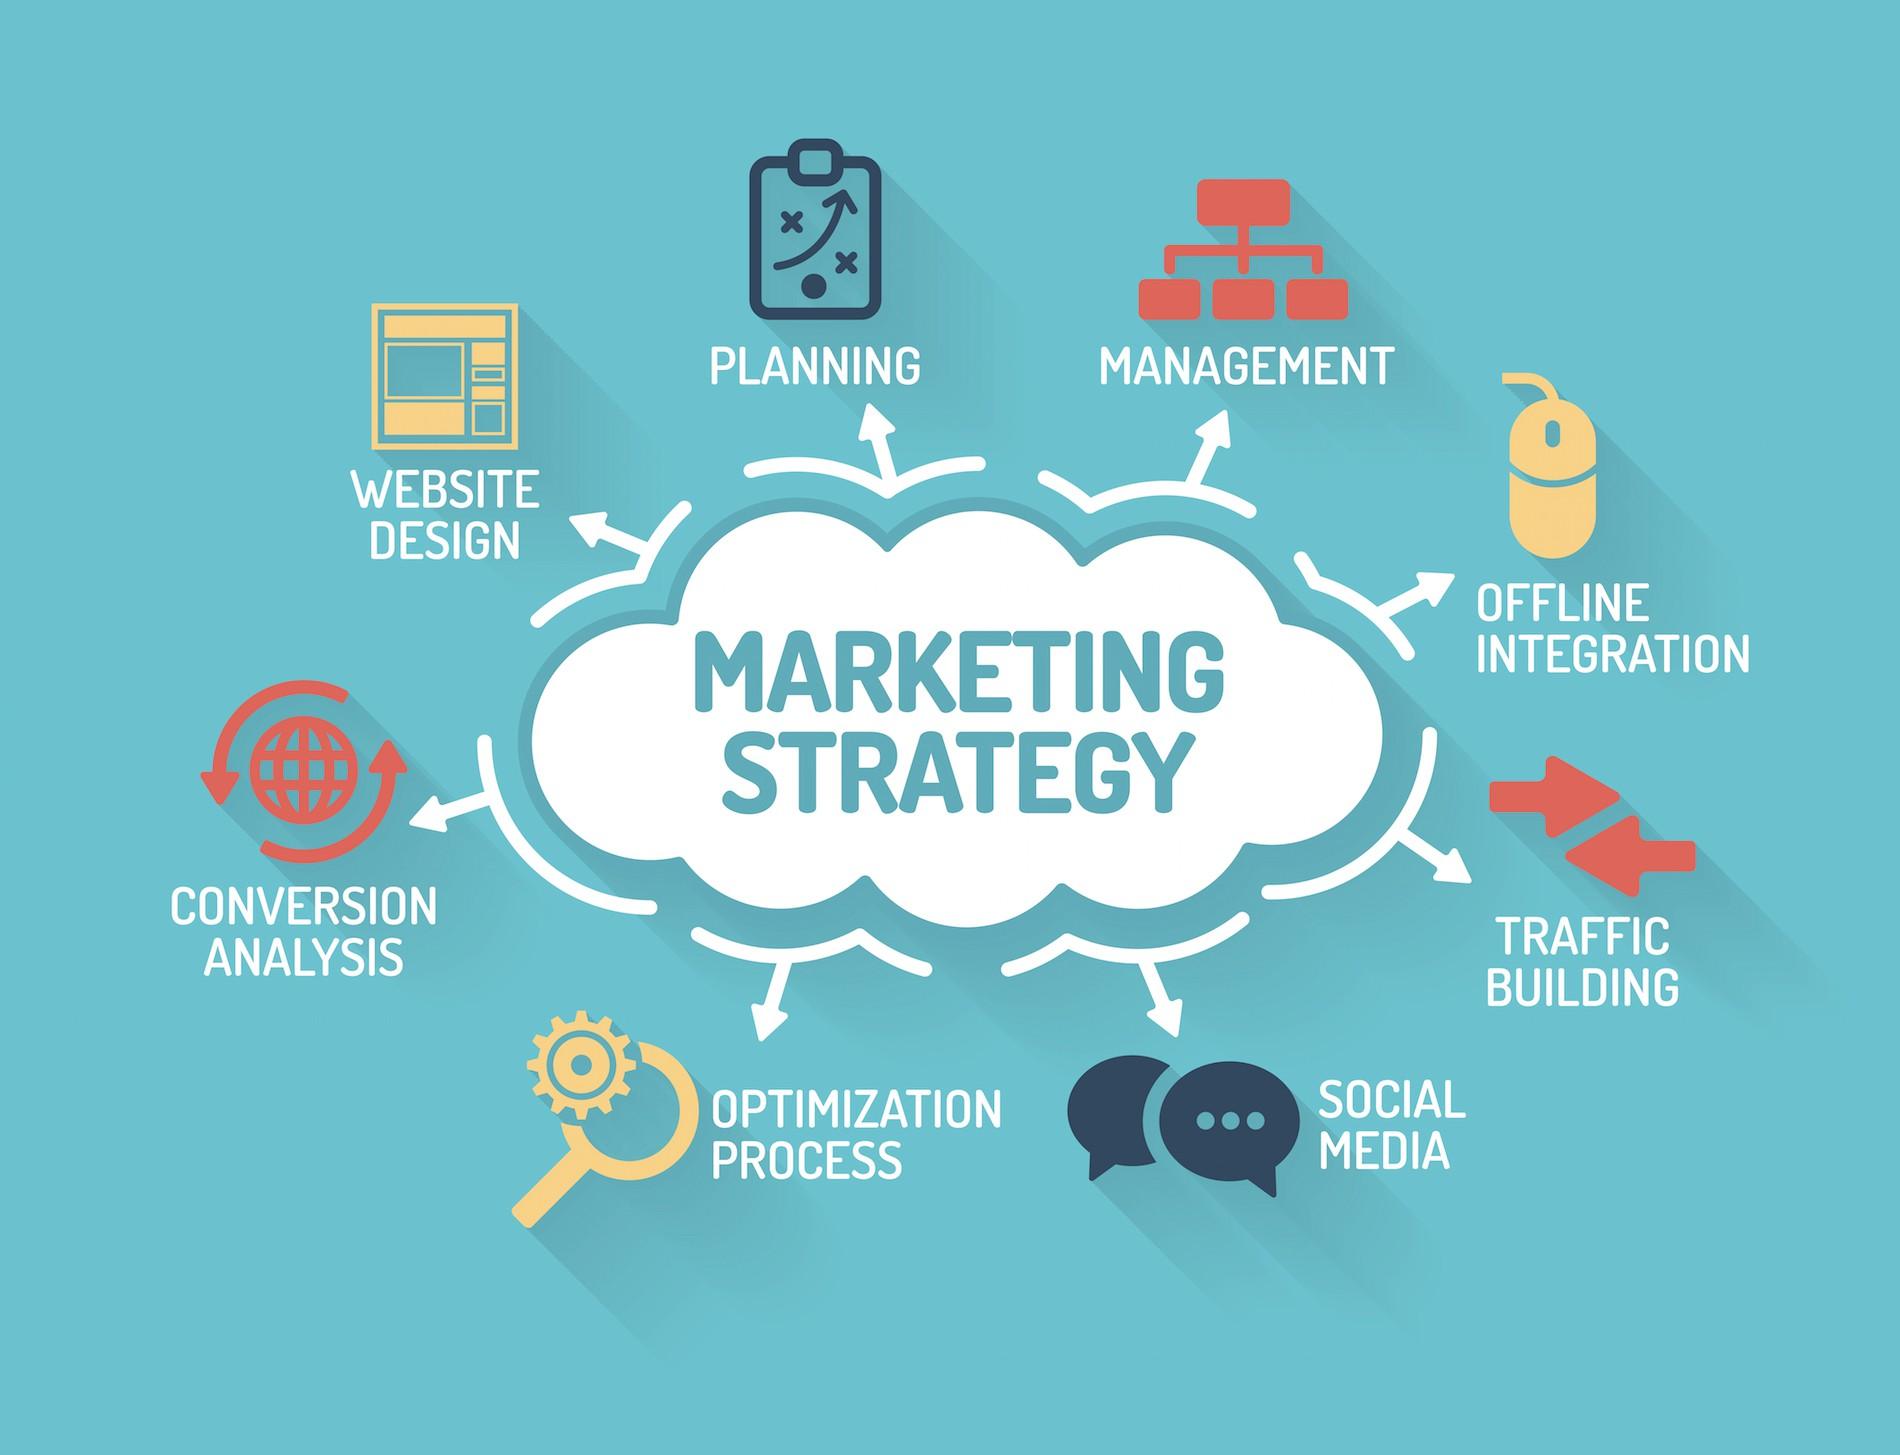 Chiến lược marketing là gì ? Cùng tìm hiểu chiến lược marketing - Quản Lý  kho